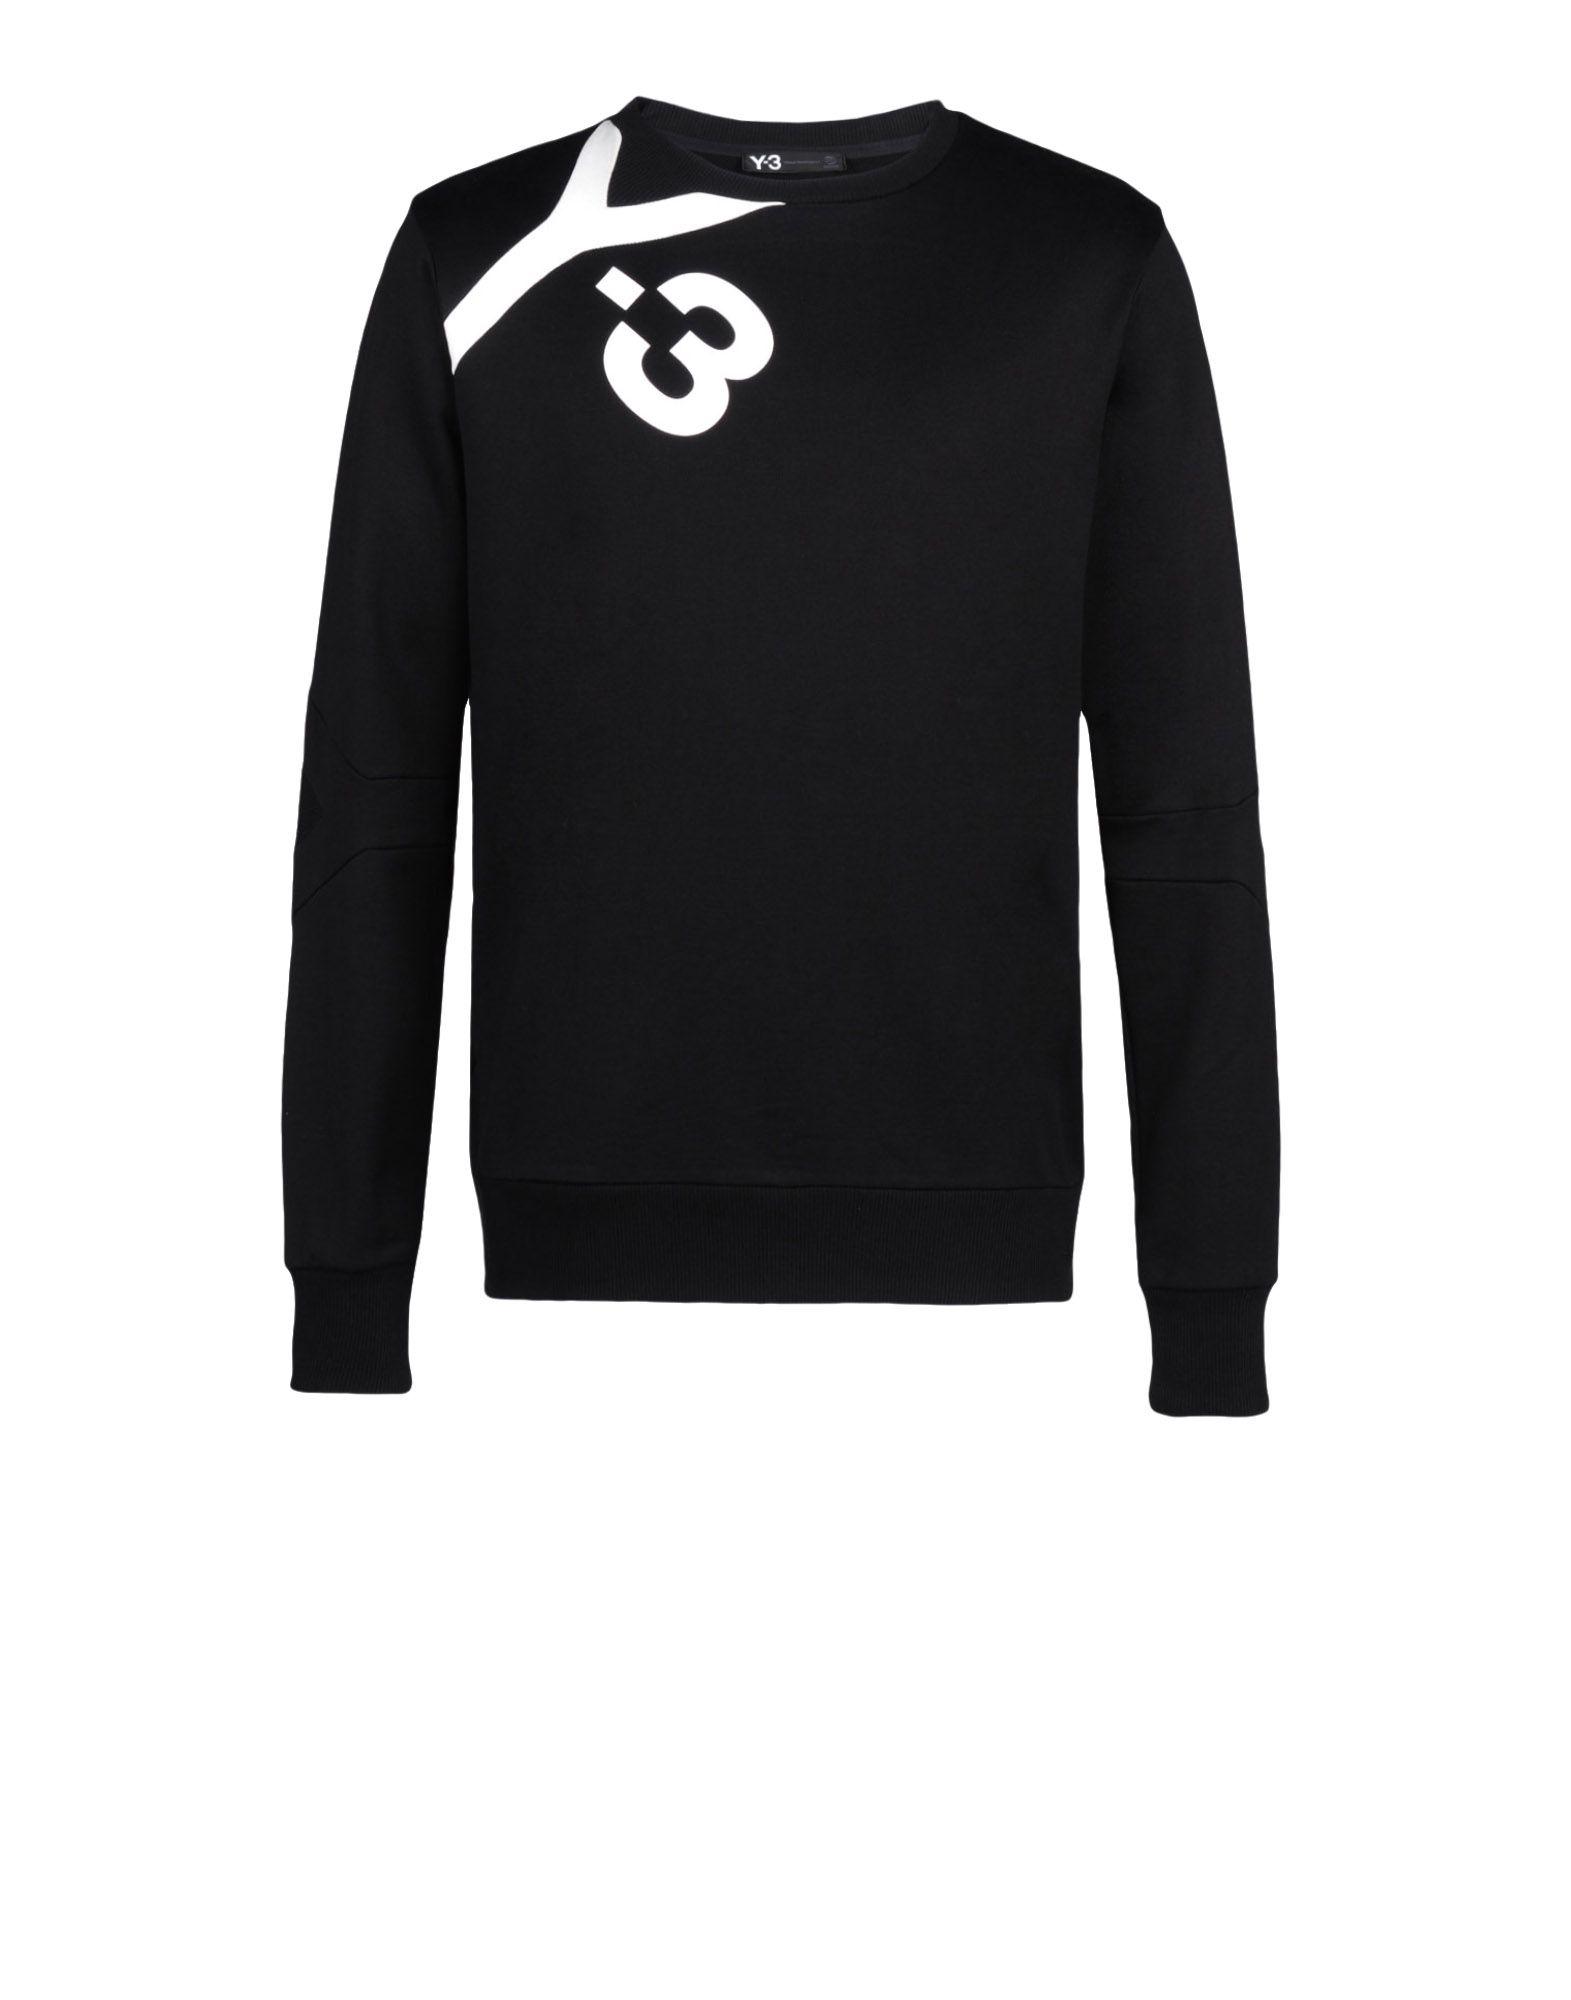 y 3 logo maglione per uomini adidas y 3 negozio ufficiale